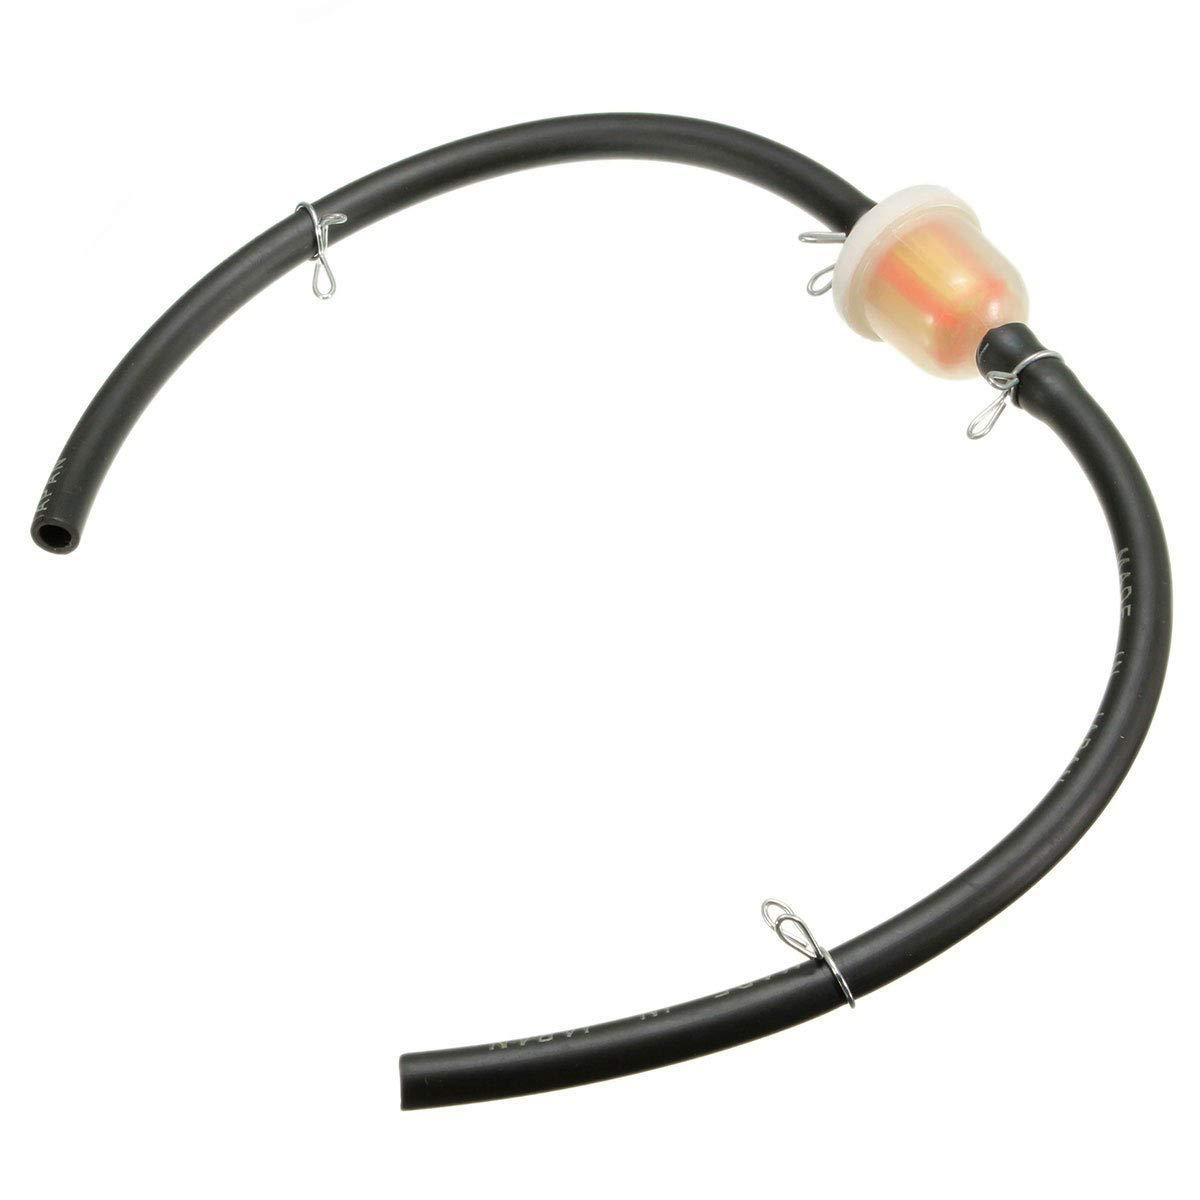 Filtro benzina compreso tubo 4-6mm per minimoto quad minicross pitbilke STI